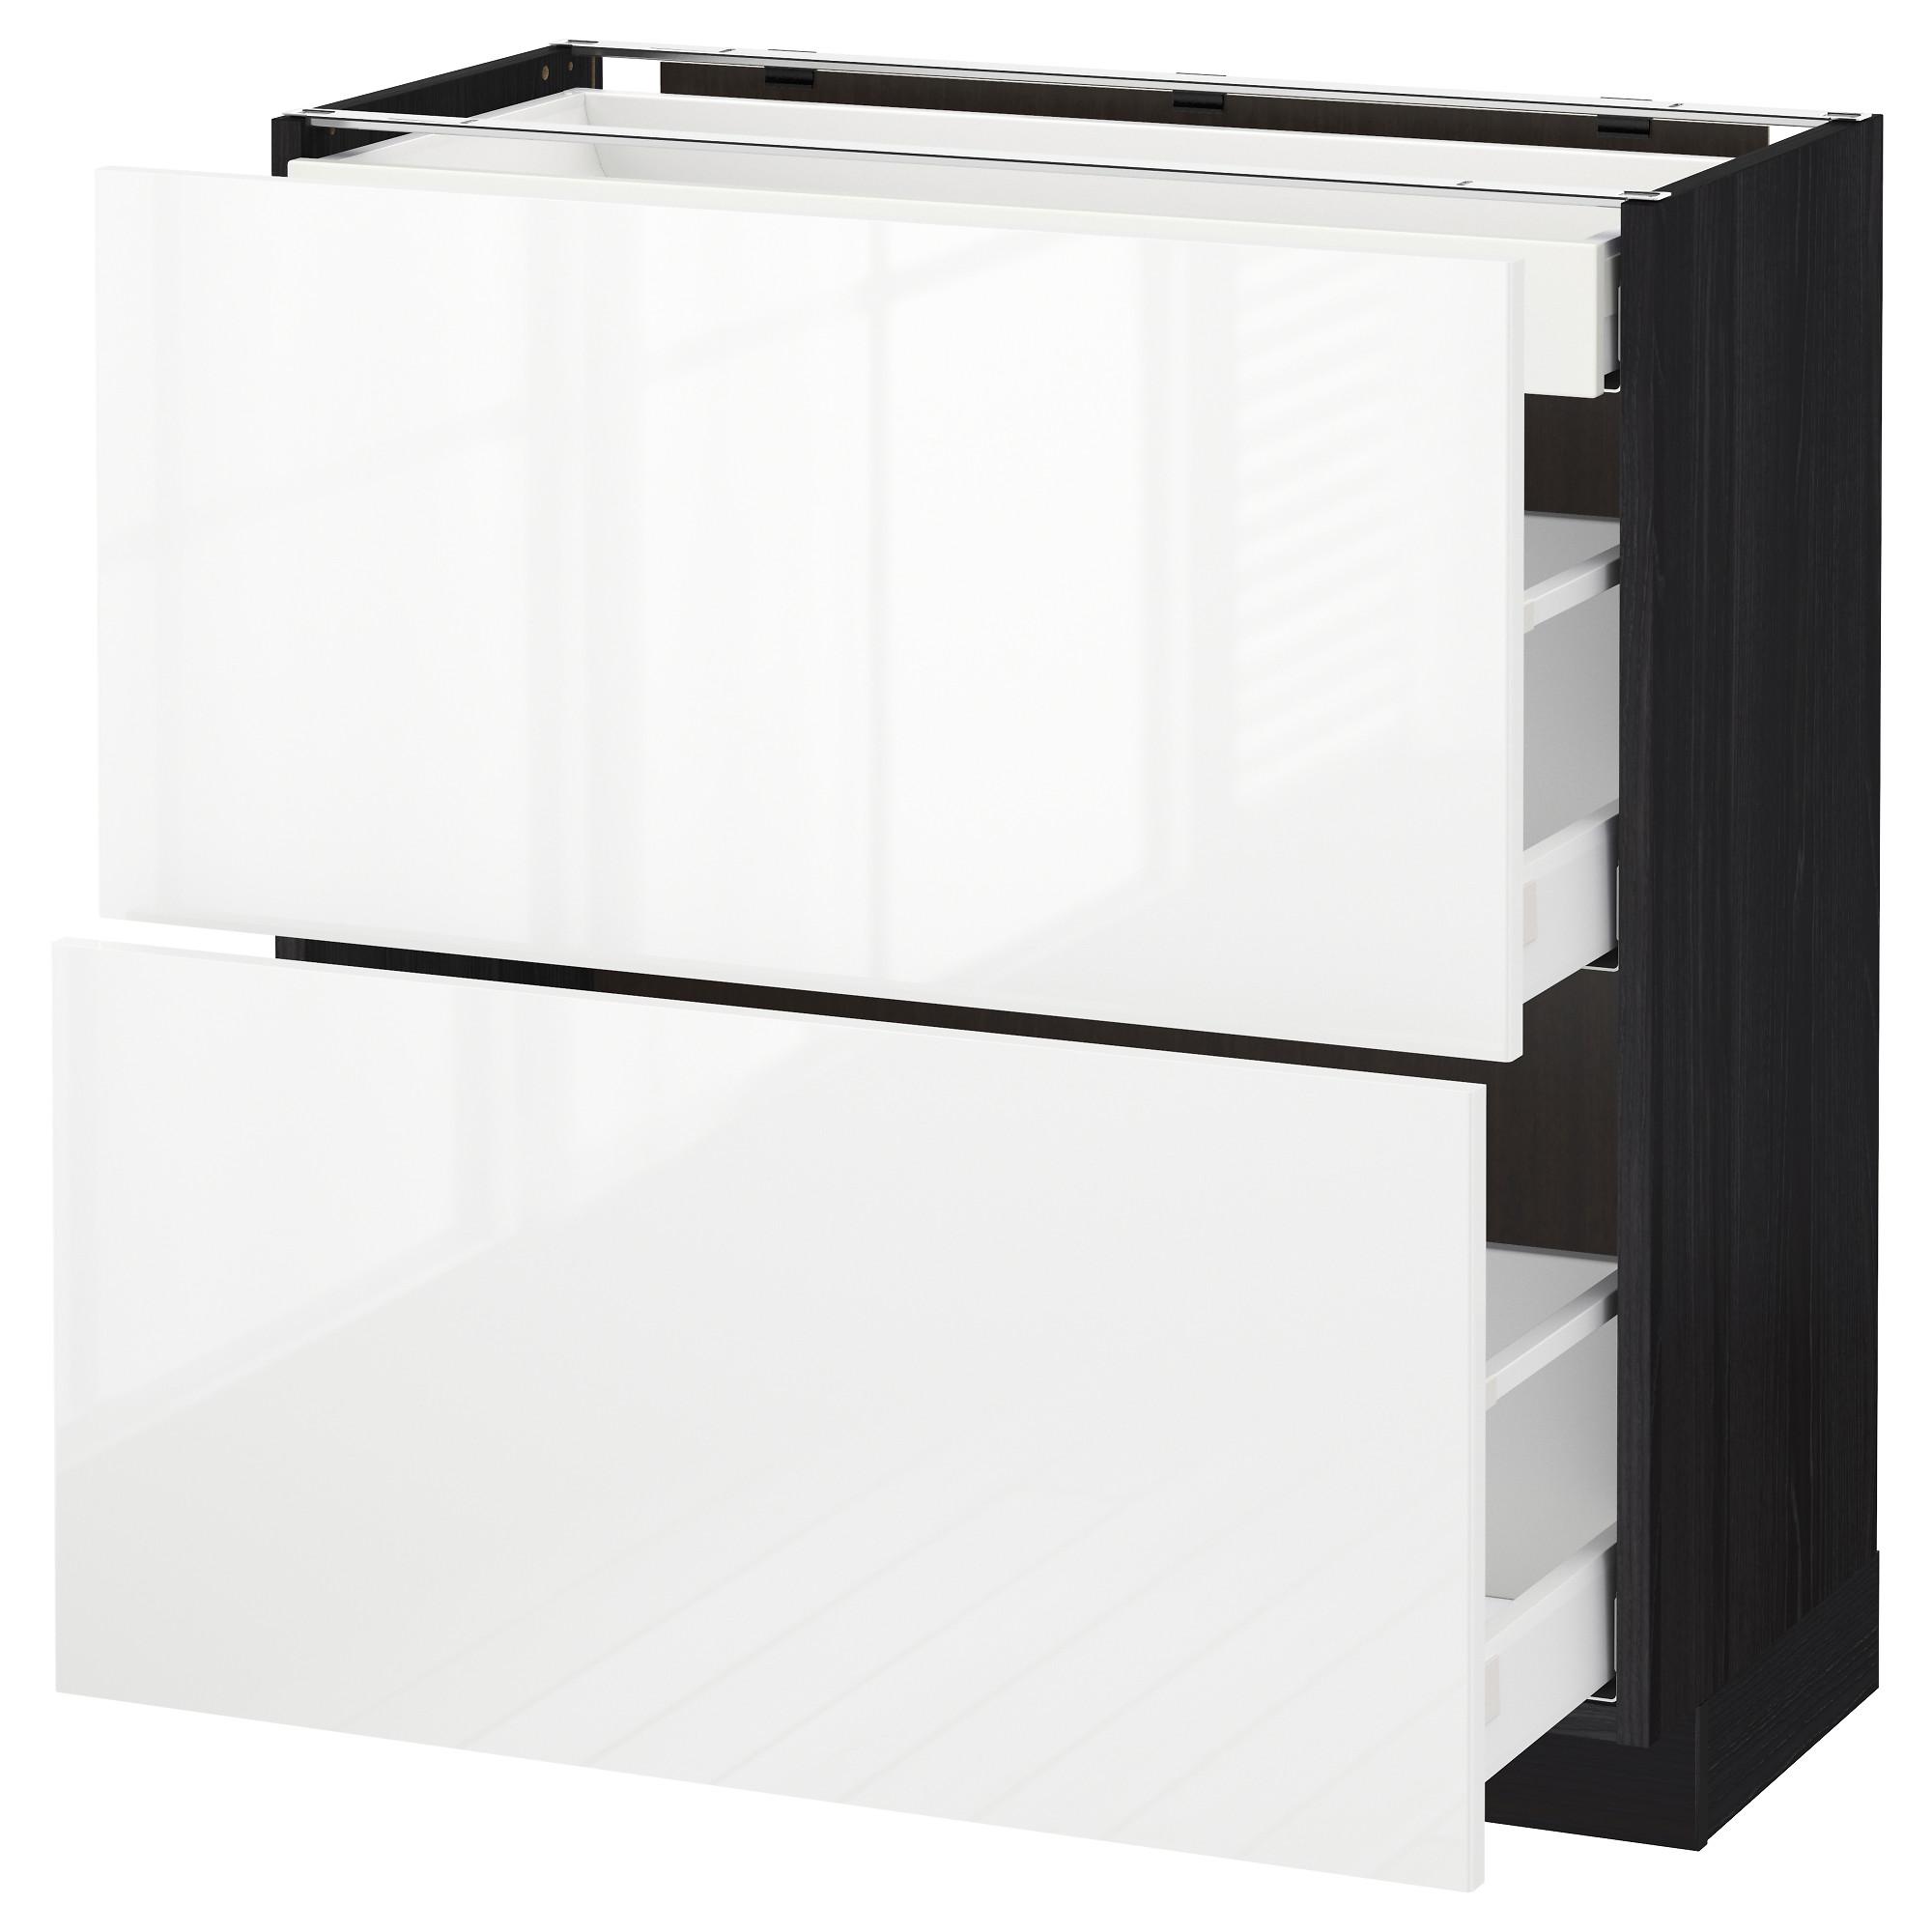 Напольный шкаф, 2 фасада, 3 ящика МЕТОД / МАКСИМЕРА черный артикуль № 492.361.34 в наличии. Онлайн сайт IKEA РБ. Быстрая доставка и соборка.